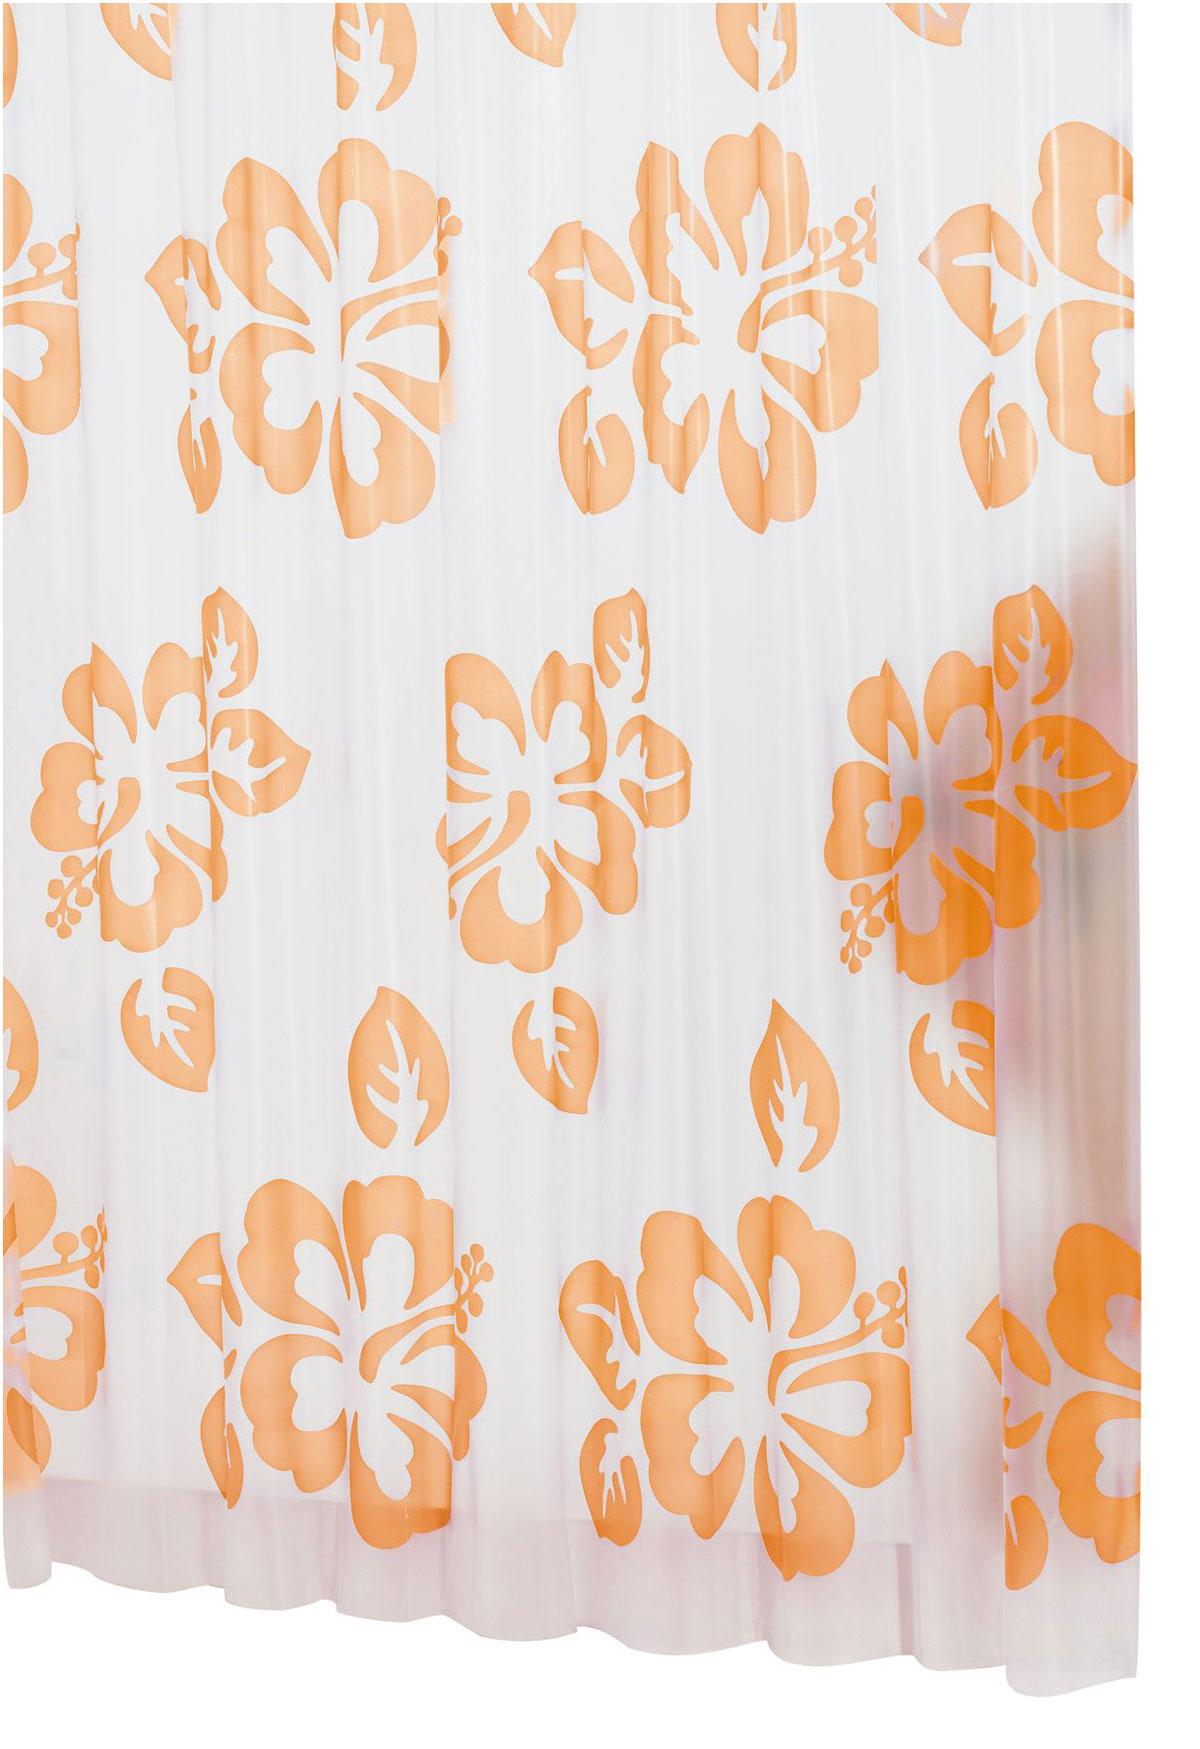 Штора для ванной комнаты Ridder Flowerpower, цвет: оранжевый, 180 х 200 см32354Высококачественная немецкая штора для душа создает прекрасное настроение.Продукты из эколена не имеют запаха и считаются экологически чистыми.Ручная стирка. Не гладить.